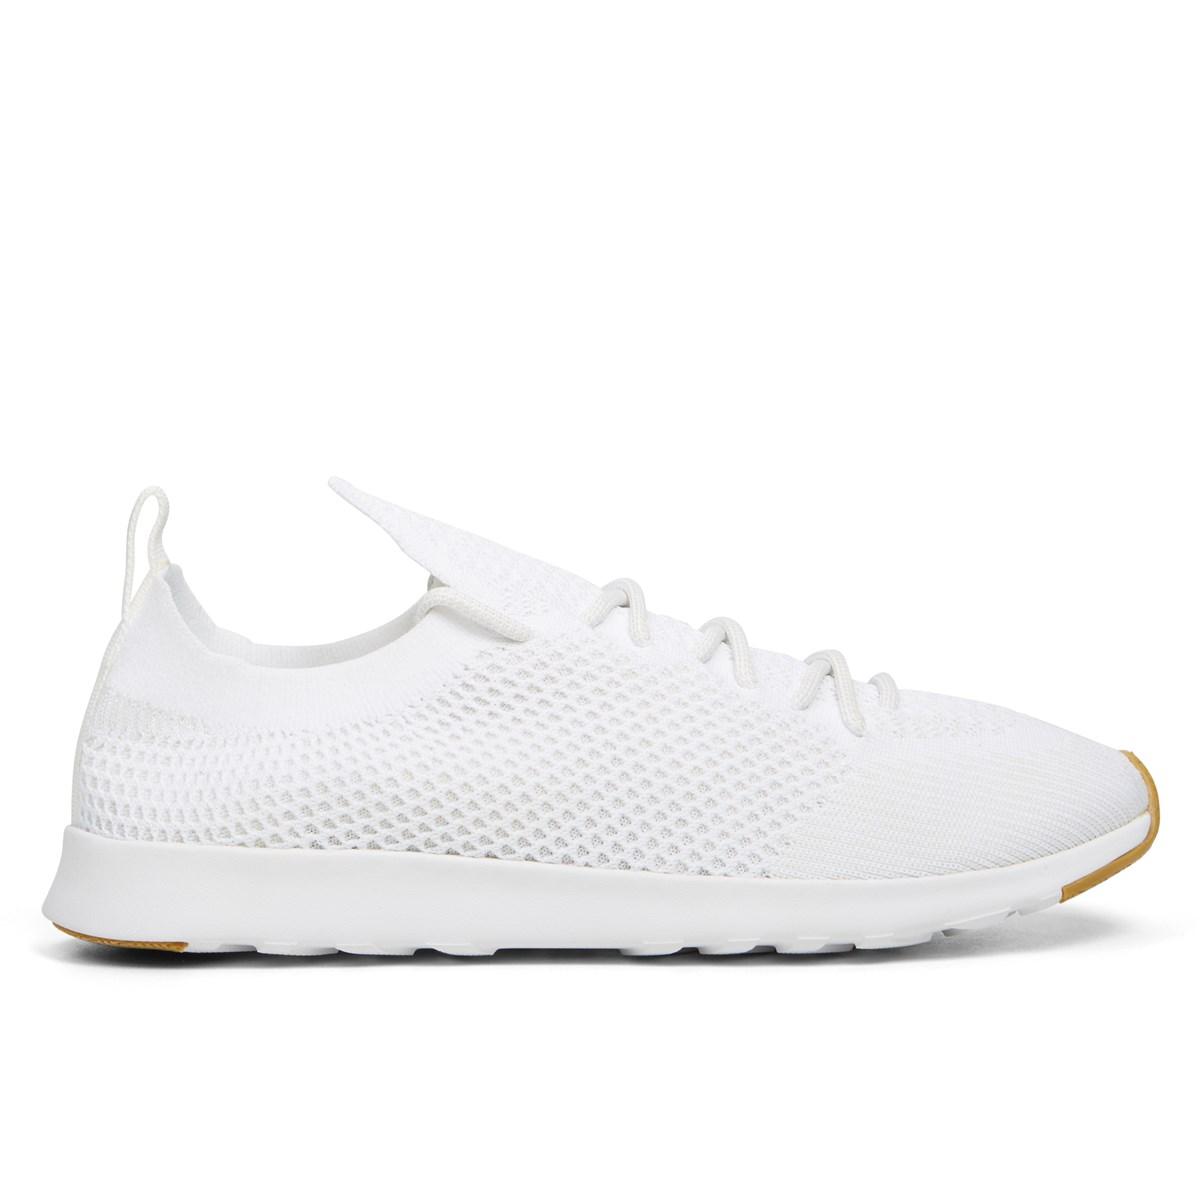 337ea3edef137 Vegan Men s AP Nova Liteknit Bone Sneaker. Previous. default view · ALT1 ·  ALT2